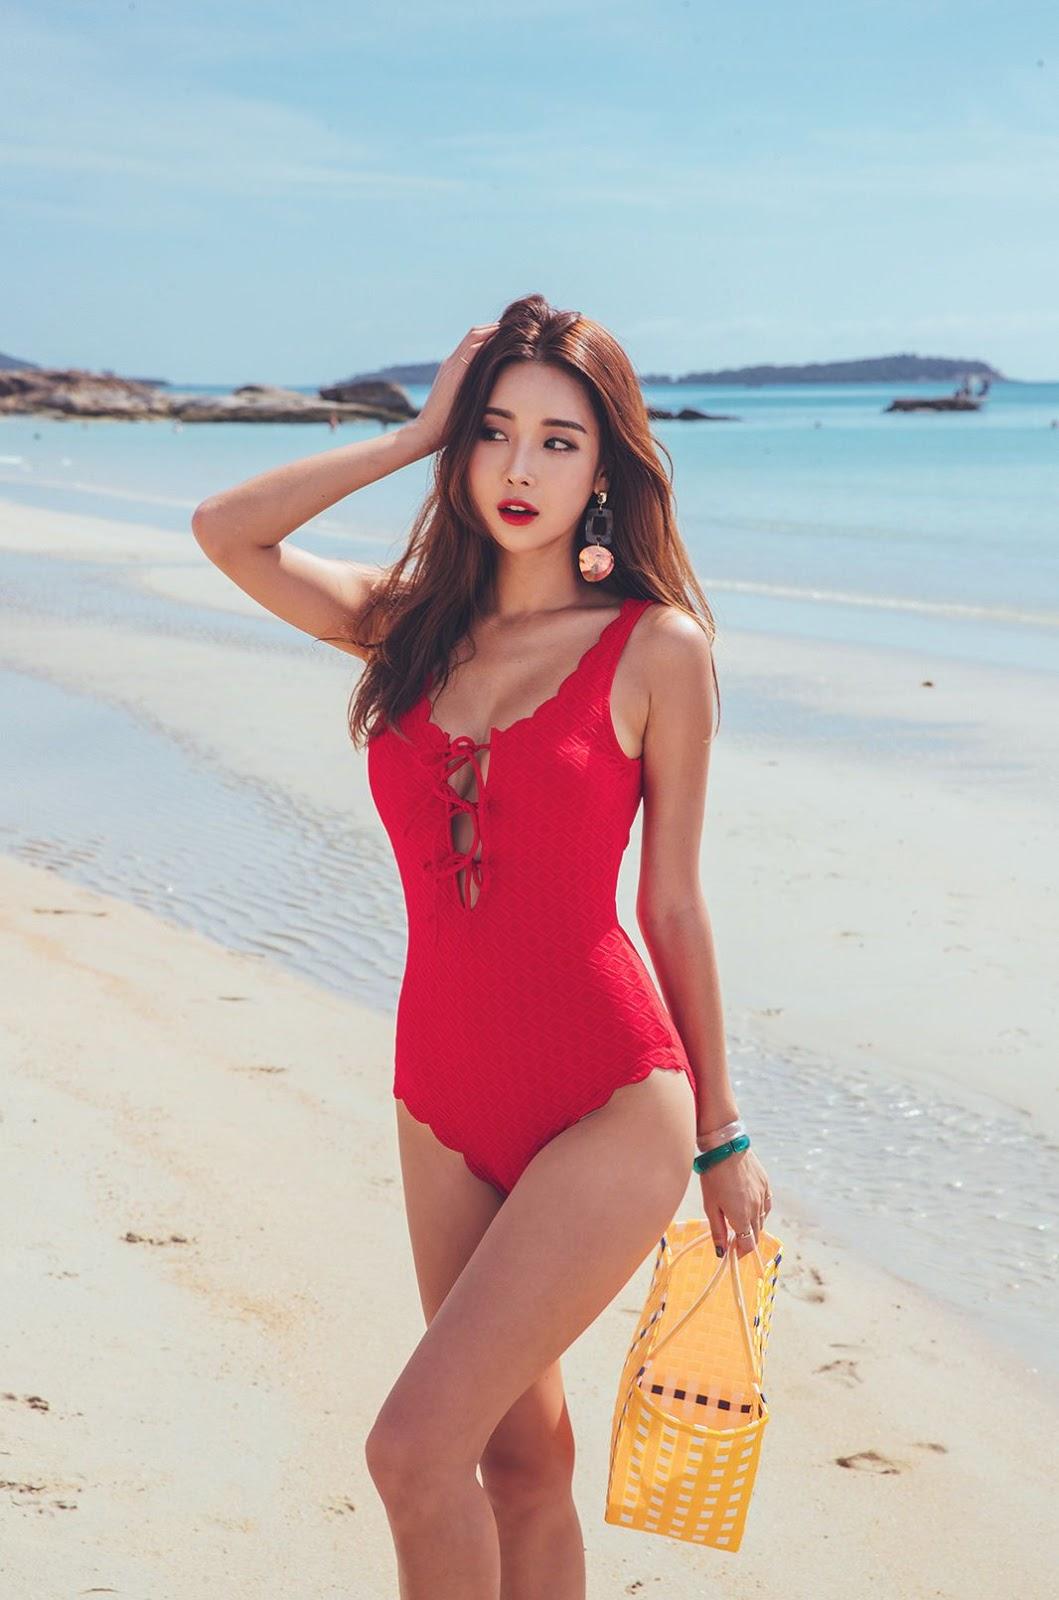 Park Da Hyun - The Red Swimsuit - 191218 - TruePic.net